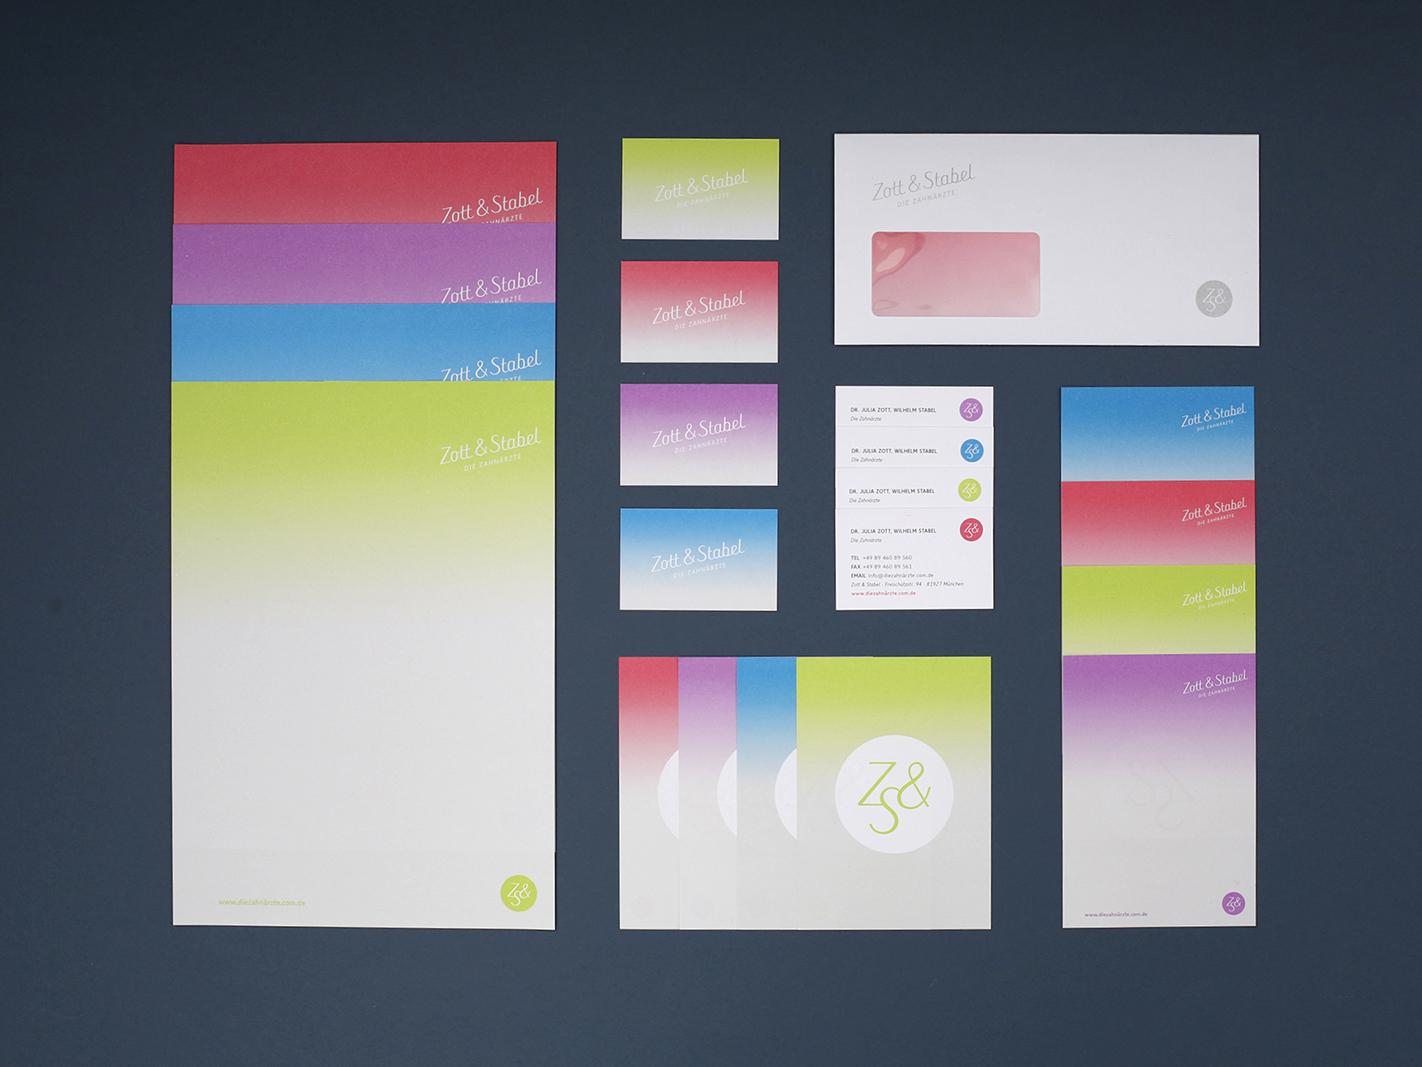 ATK-ZUS-Zahnaerzte-Zahnarzt-Corporate-Design-3.jpg